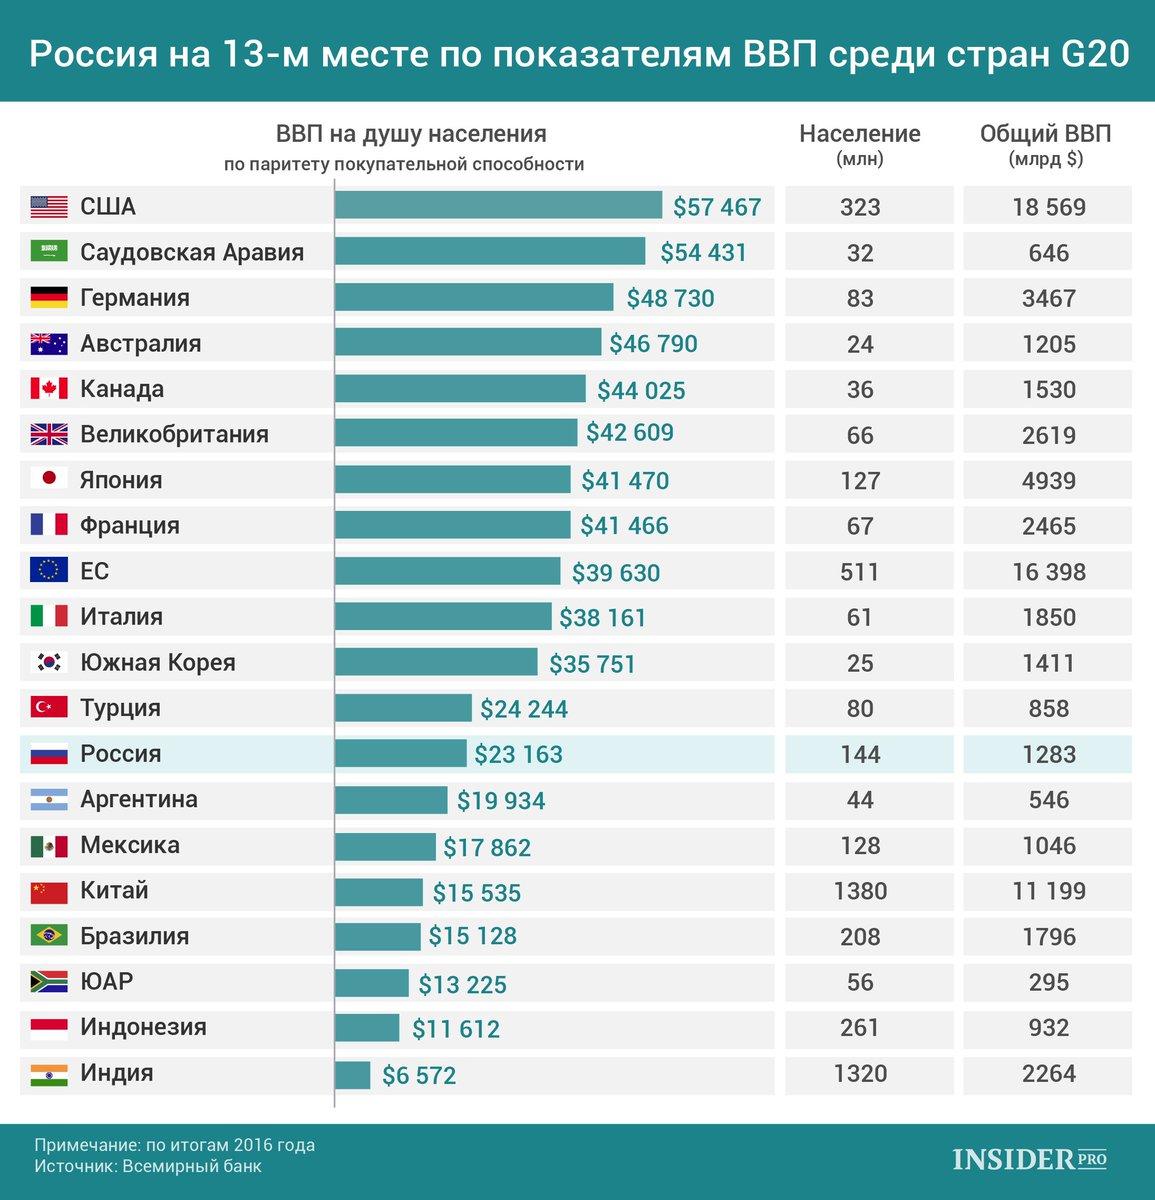 какие первые места занимает россия